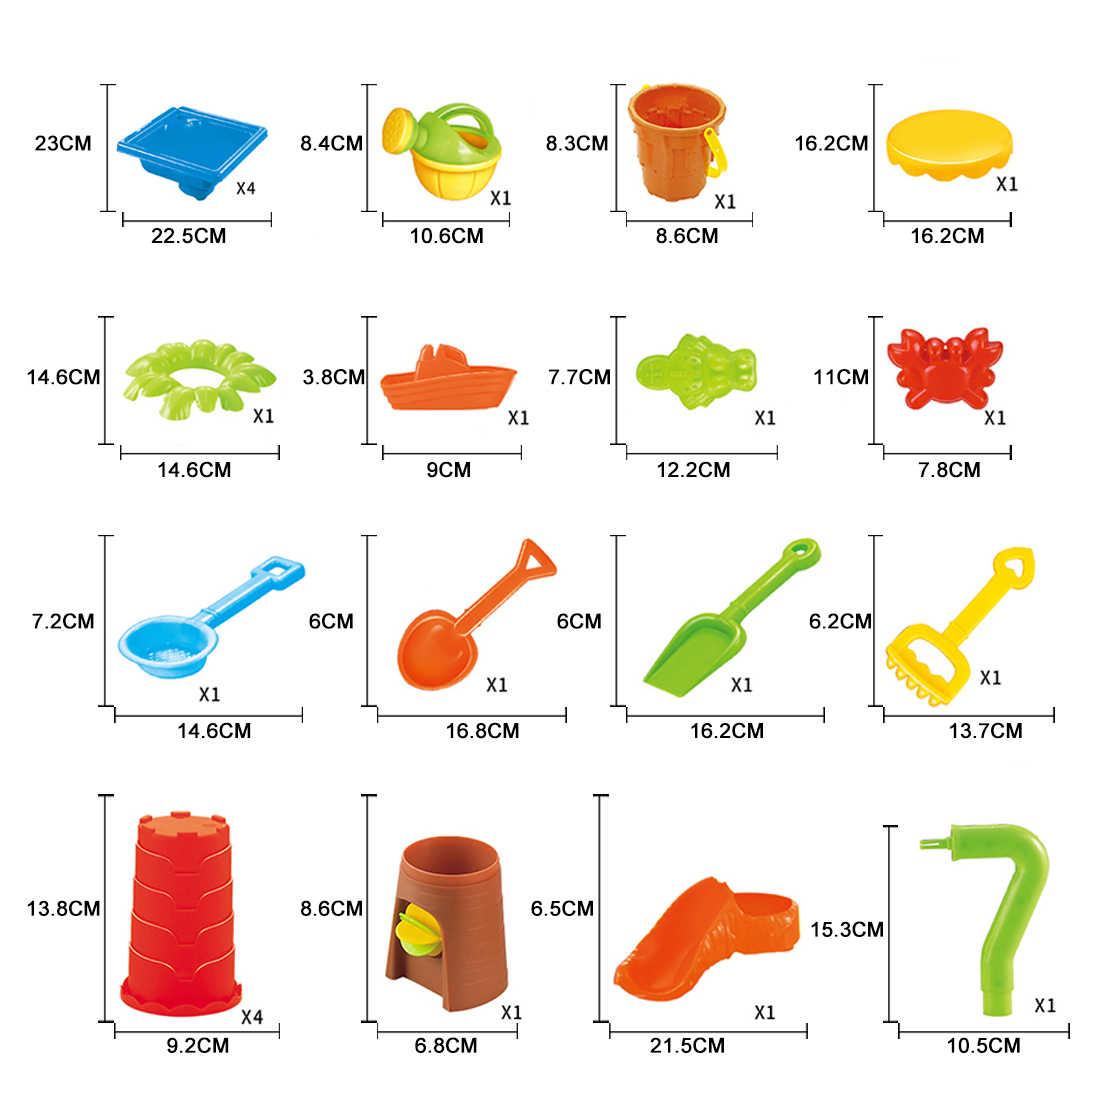 24 шт Детские пластиковые песочные ямы набор пляжный песок настольные игрушки для купания летние игрушки для открытого воздуха для маленьких детей-цвет случайный